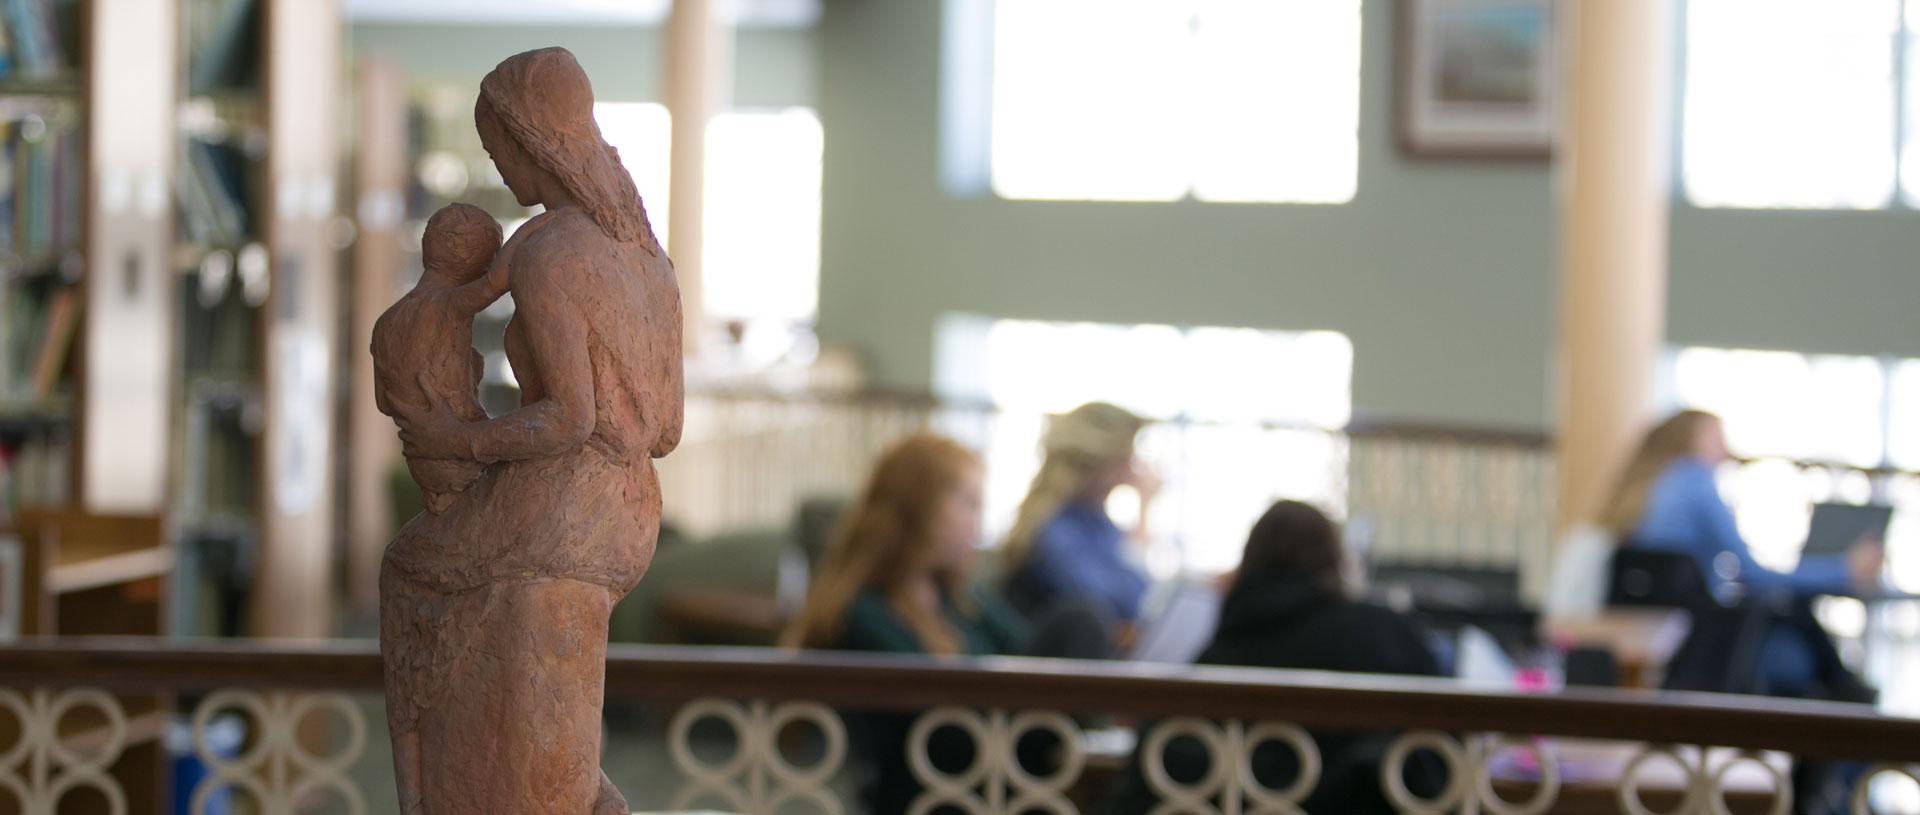 Undergrad-Library-Statue